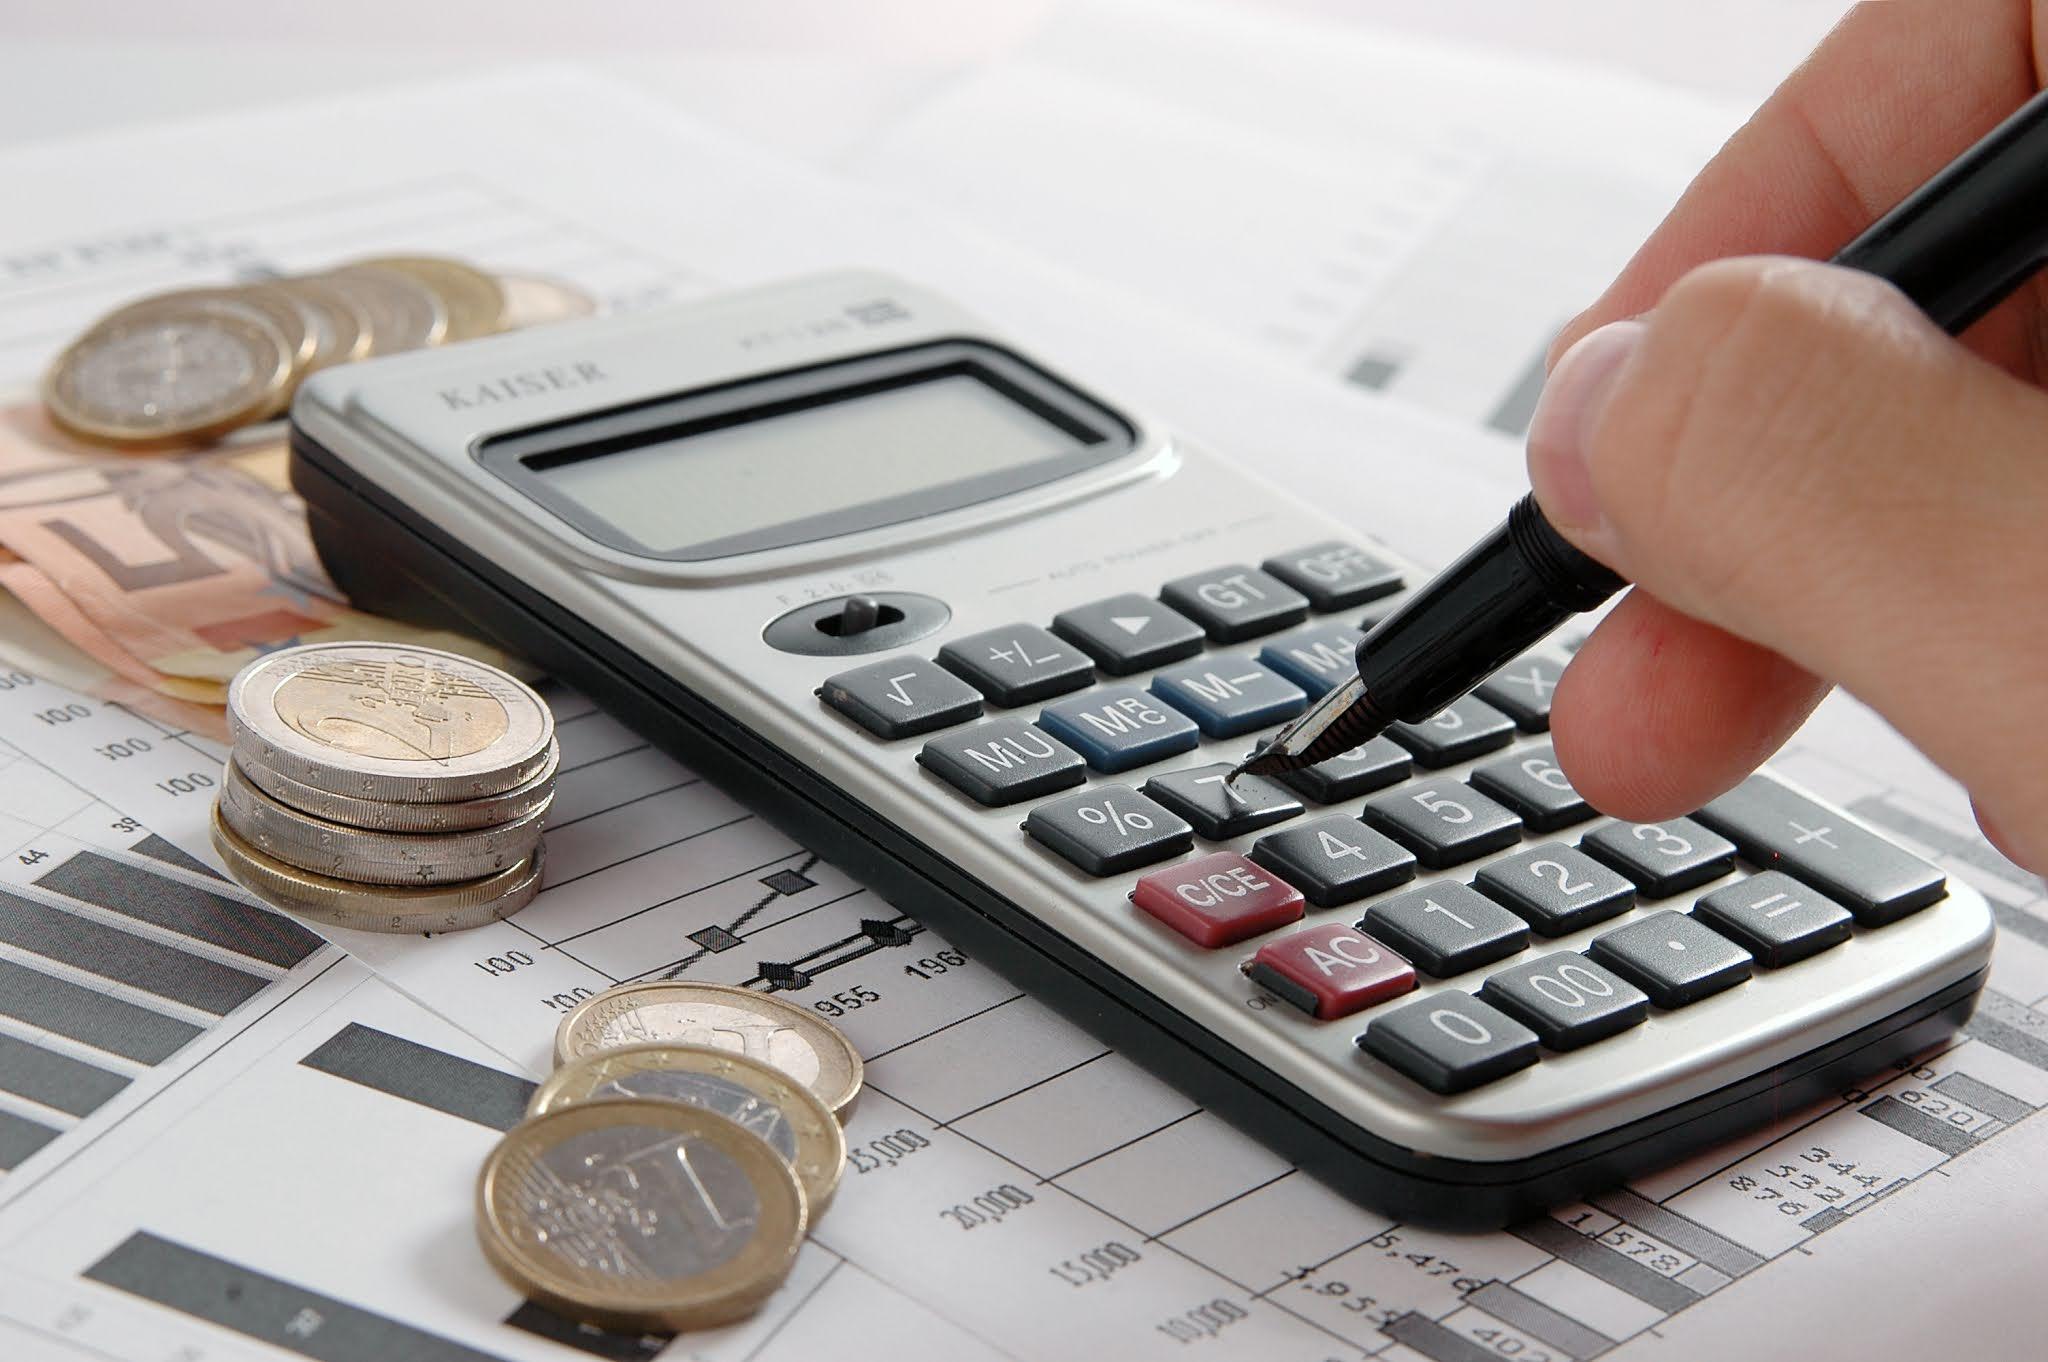 النقدية الموجودة في صندوق المصروفات النثرية - تابع المحاسبة عن الأصول المتداولة